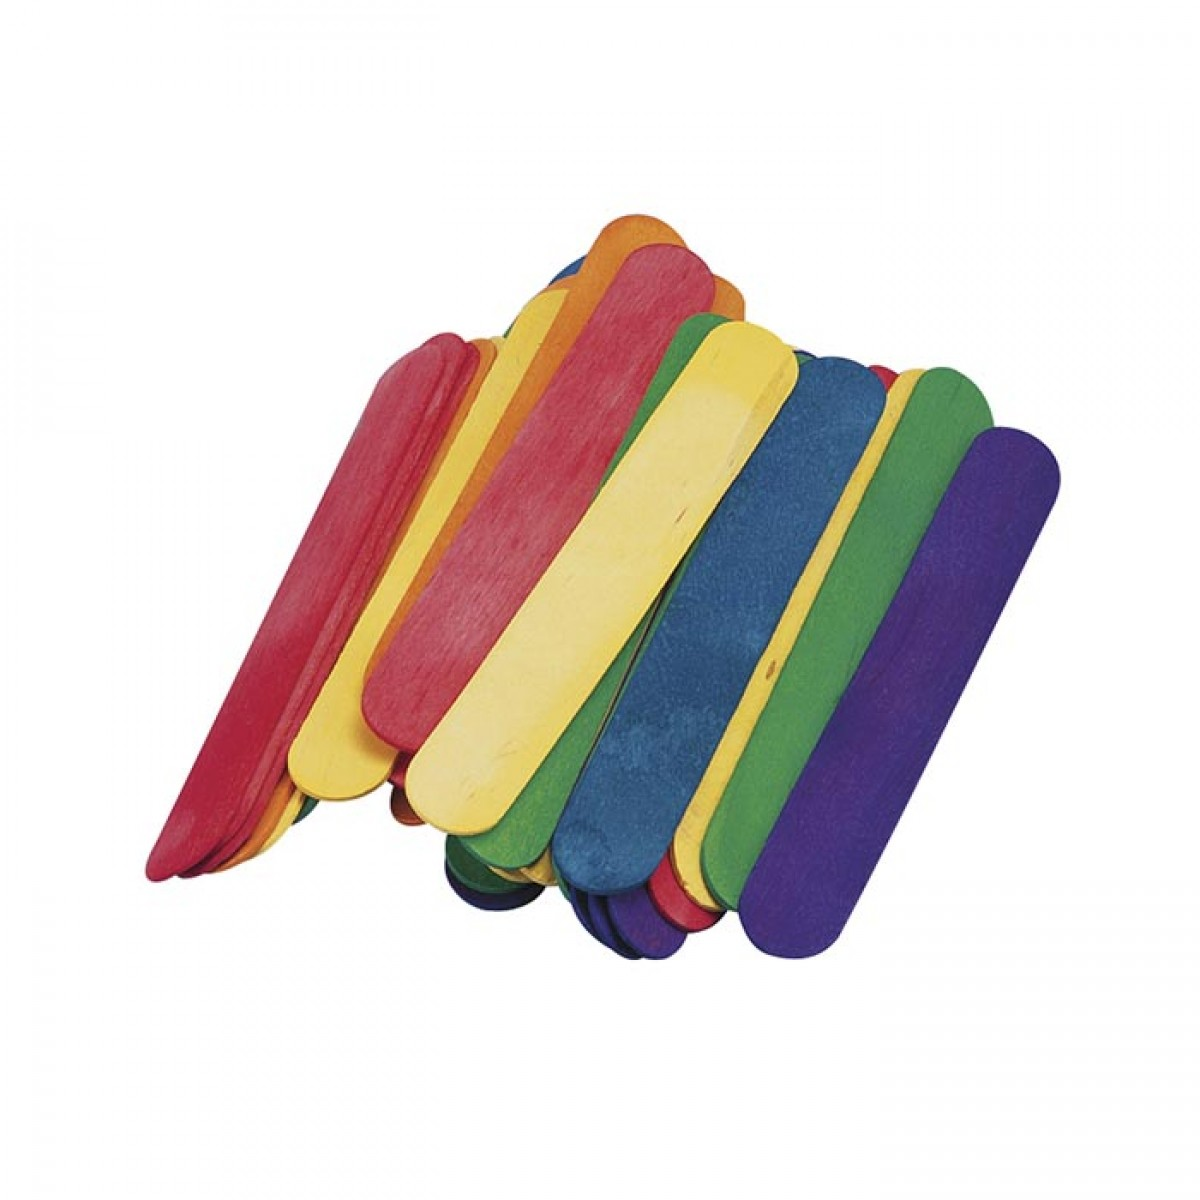 Ξυλάκια Χειροτεχνίας Μίξη Χρωμάτων (80 Τεμ.) Υλικά Χειροτεχνίας